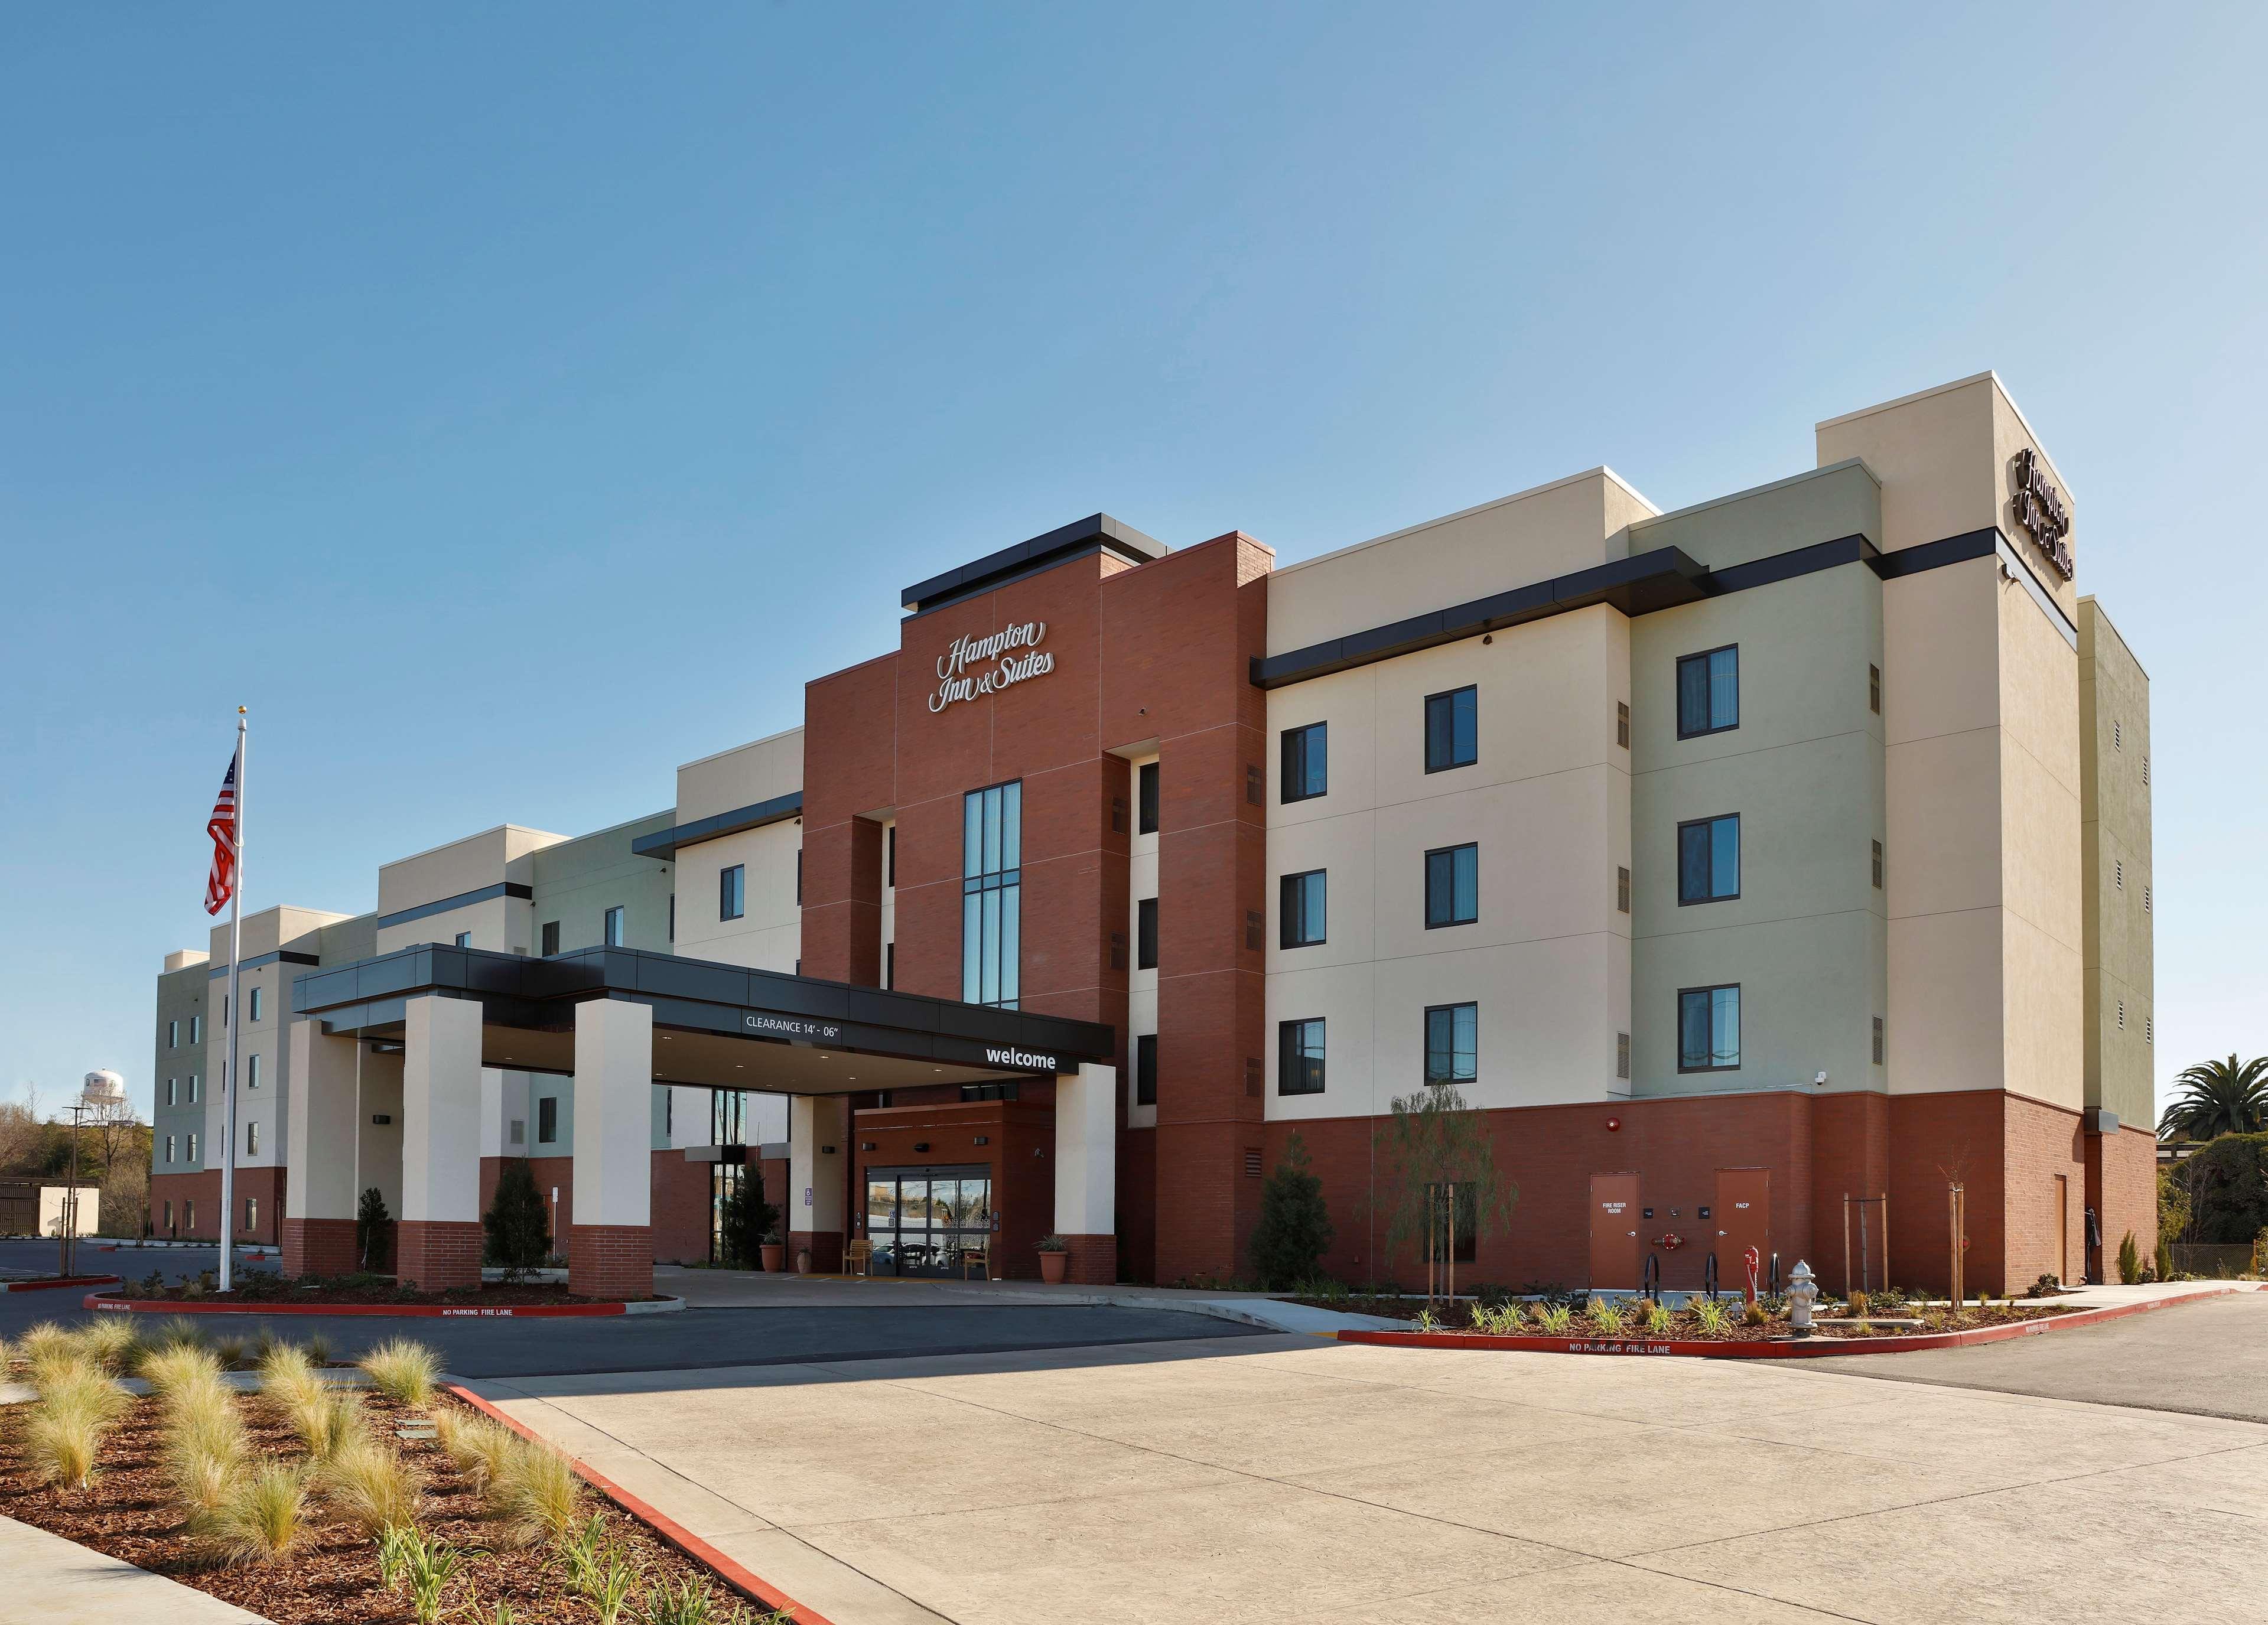 Hampton Inn & Suites Sacramento at CSUS image 3